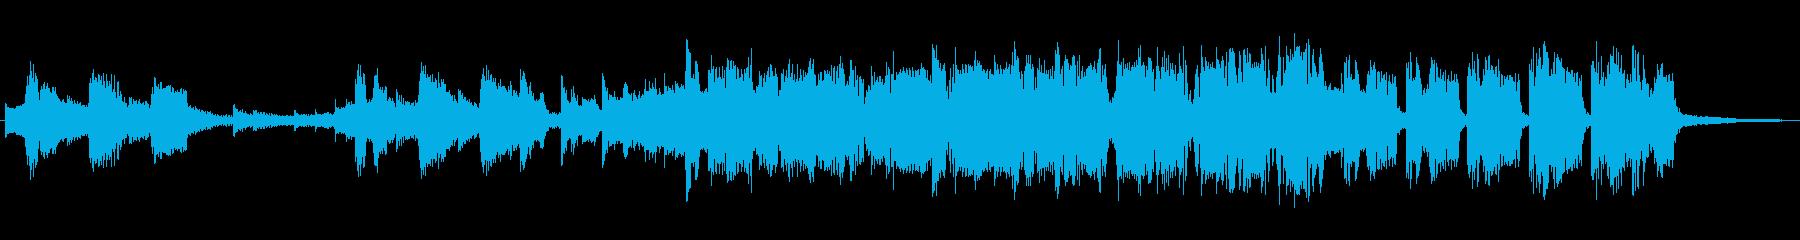 フューチャー系EDMの15秒ジングルの再生済みの波形